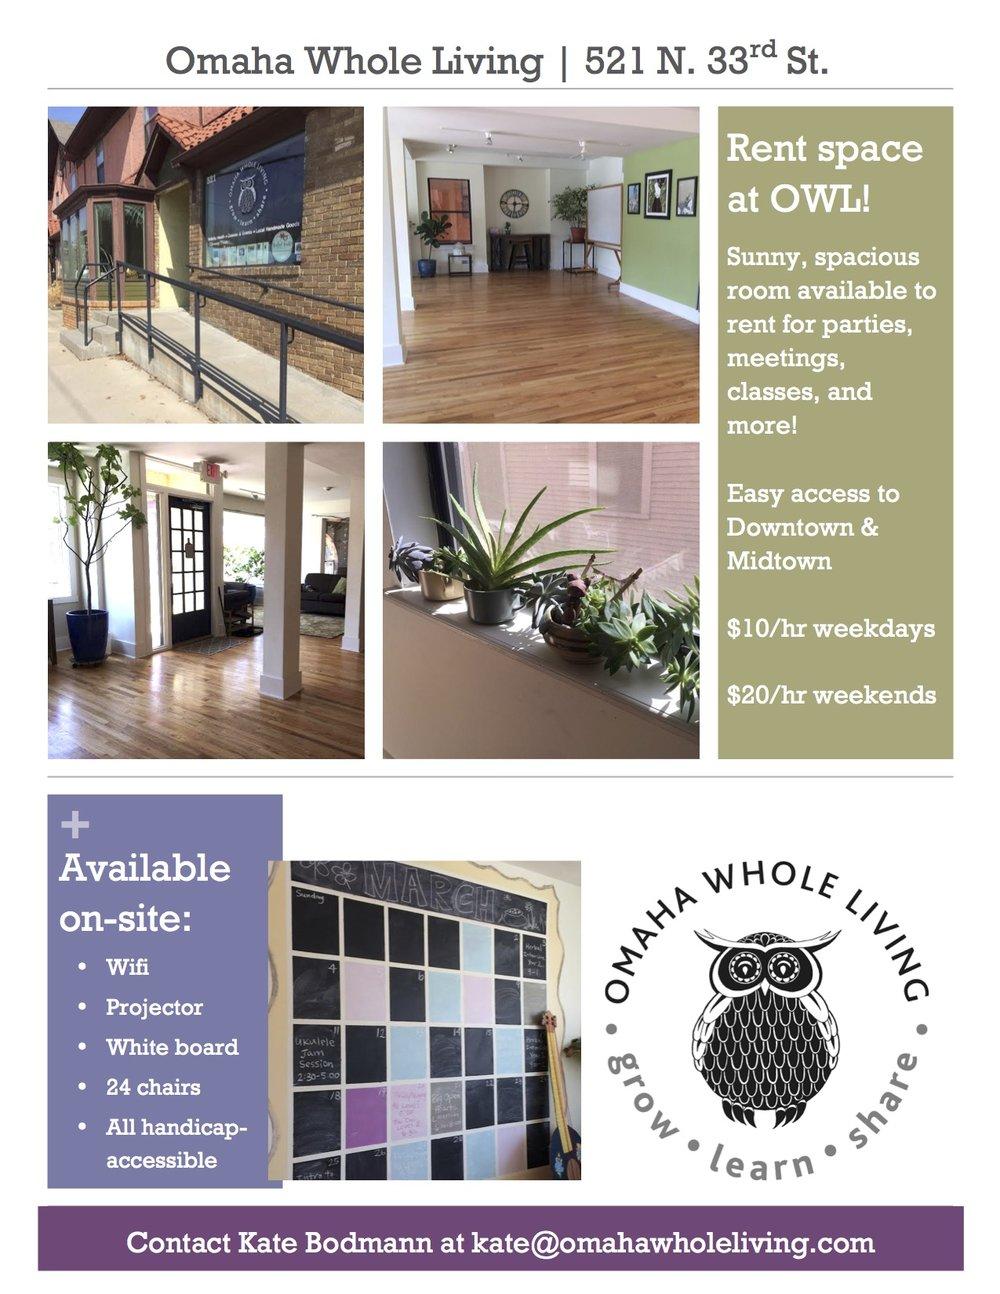 OWLrentalmainroom.jpg